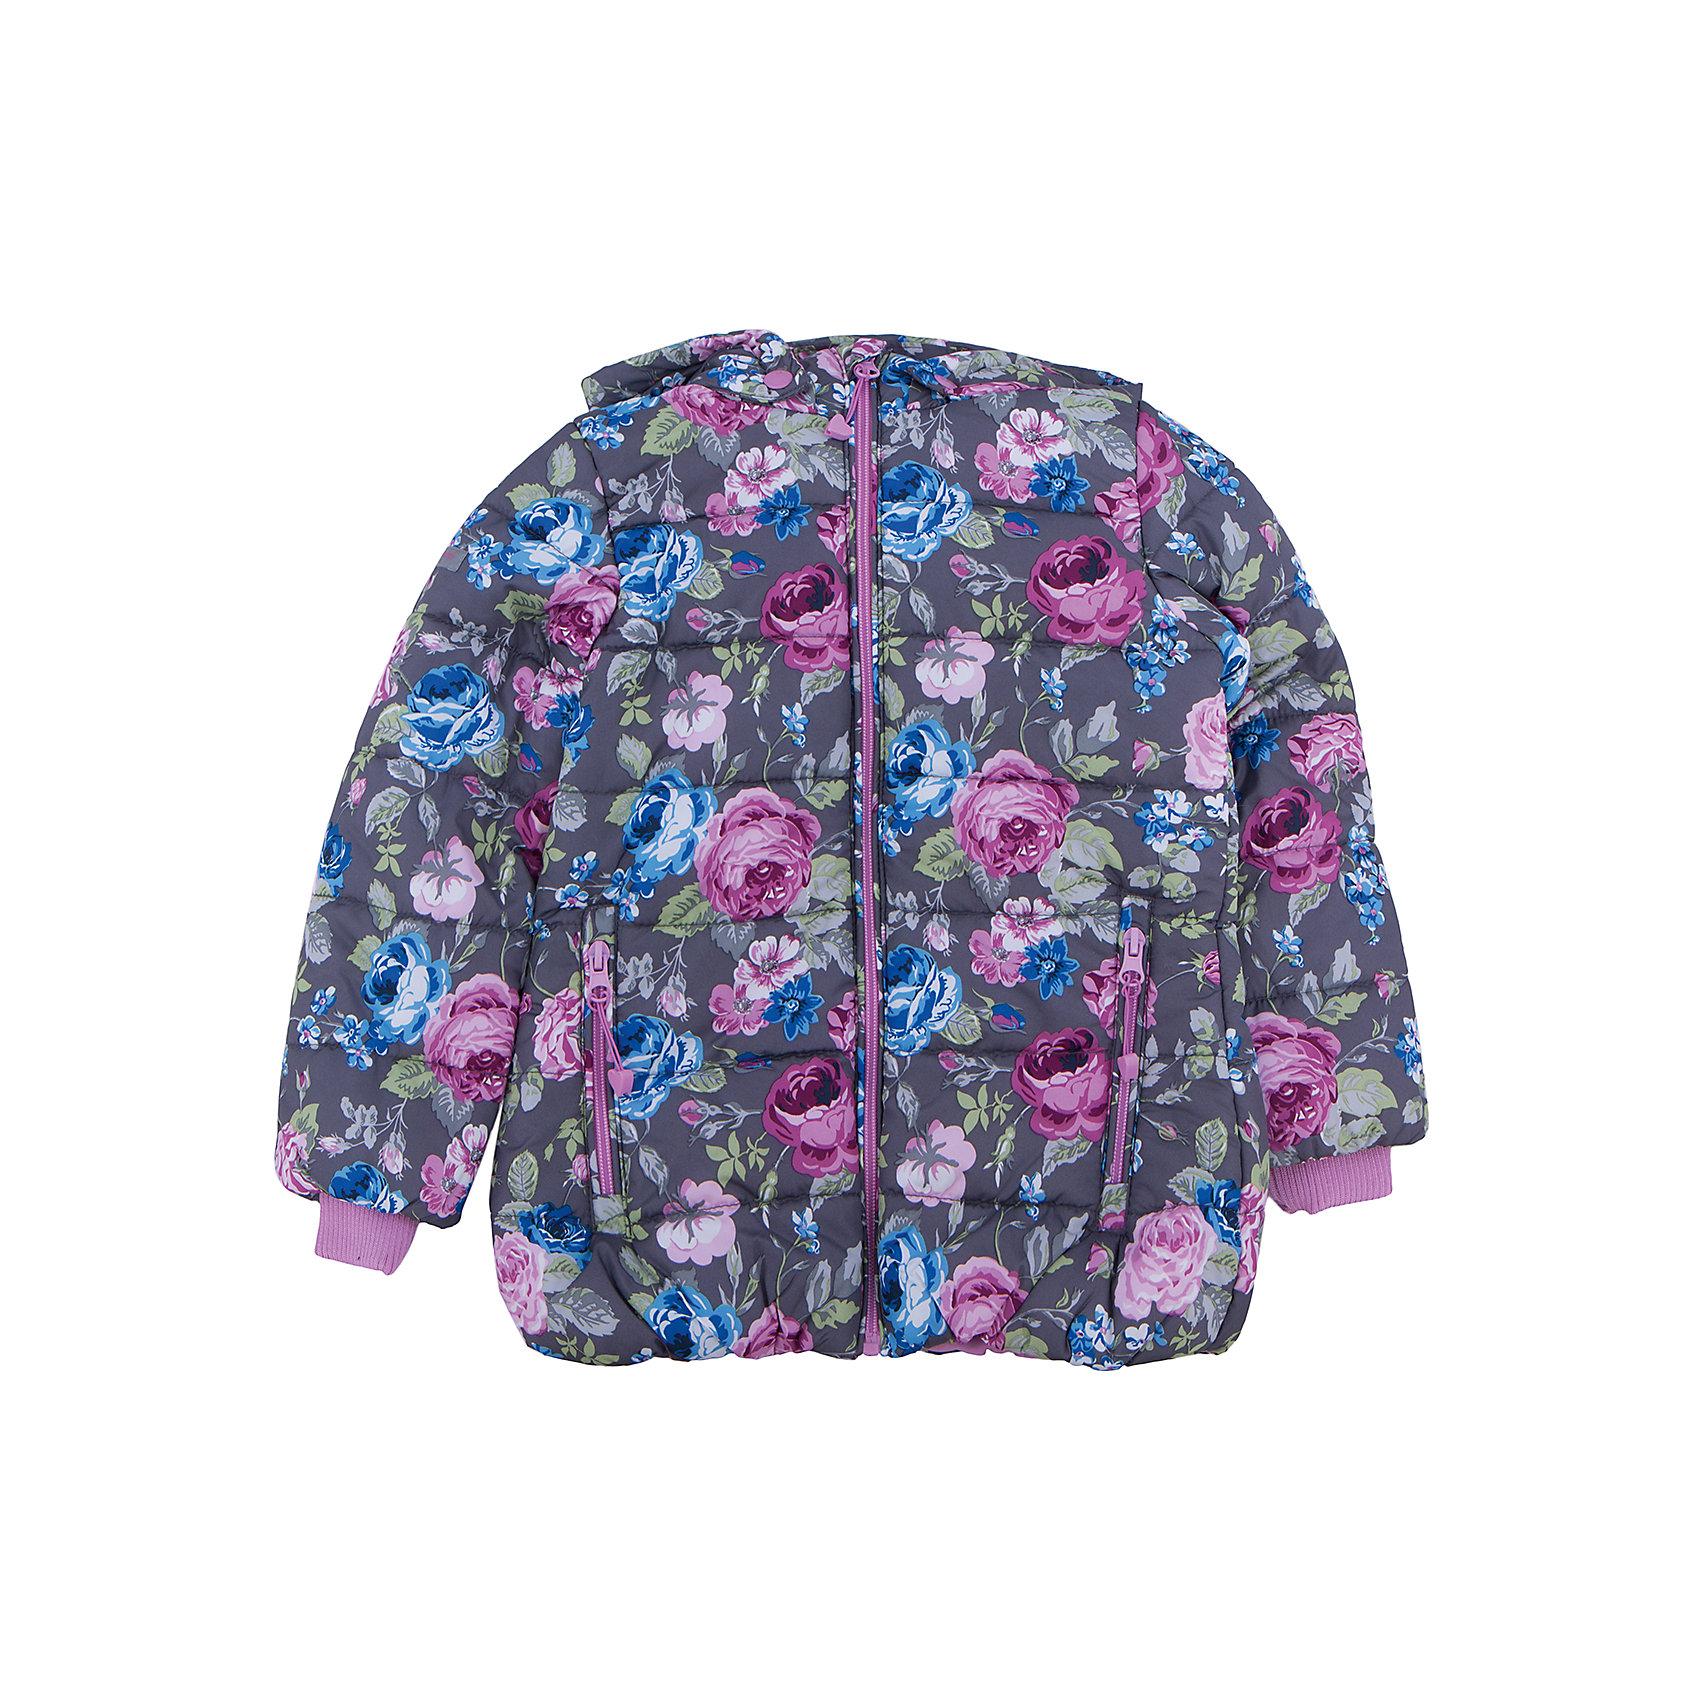 Куртка для девочки PlayTodayКуртка для девочки от известного бренда PlayToday.<br>Стильная куртка с капюшоном и стежкой. Украшена нежным цветочным принтом. Застегивается на молнию с защитой подбородка и фигурным пуллером. Капюшон отстегивается и удобно утягивается стопперами. На воротнике и рукавах мягкие трикотажные манжеты. Благодаря внутренней резинке на поясе достигается максимально удобная посадка по фигуре ребенка и усиливаются теплозащитные свойства. По бокам два кармана на молнии.<br>Состав:<br>Верх: 100% полиэстер, Подкладка: 100% полиэстер, Наполнитель: 100% полиэстер, 250 г/м2<br><br>Ширина мм: 356<br>Глубина мм: 10<br>Высота мм: 245<br>Вес г: 519<br>Цвет: разноцветный<br>Возраст от месяцев: 36<br>Возраст до месяцев: 48<br>Пол: Женский<br>Возраст: Детский<br>Размер: 122,98,110,116,128,104<br>SKU: 4896931